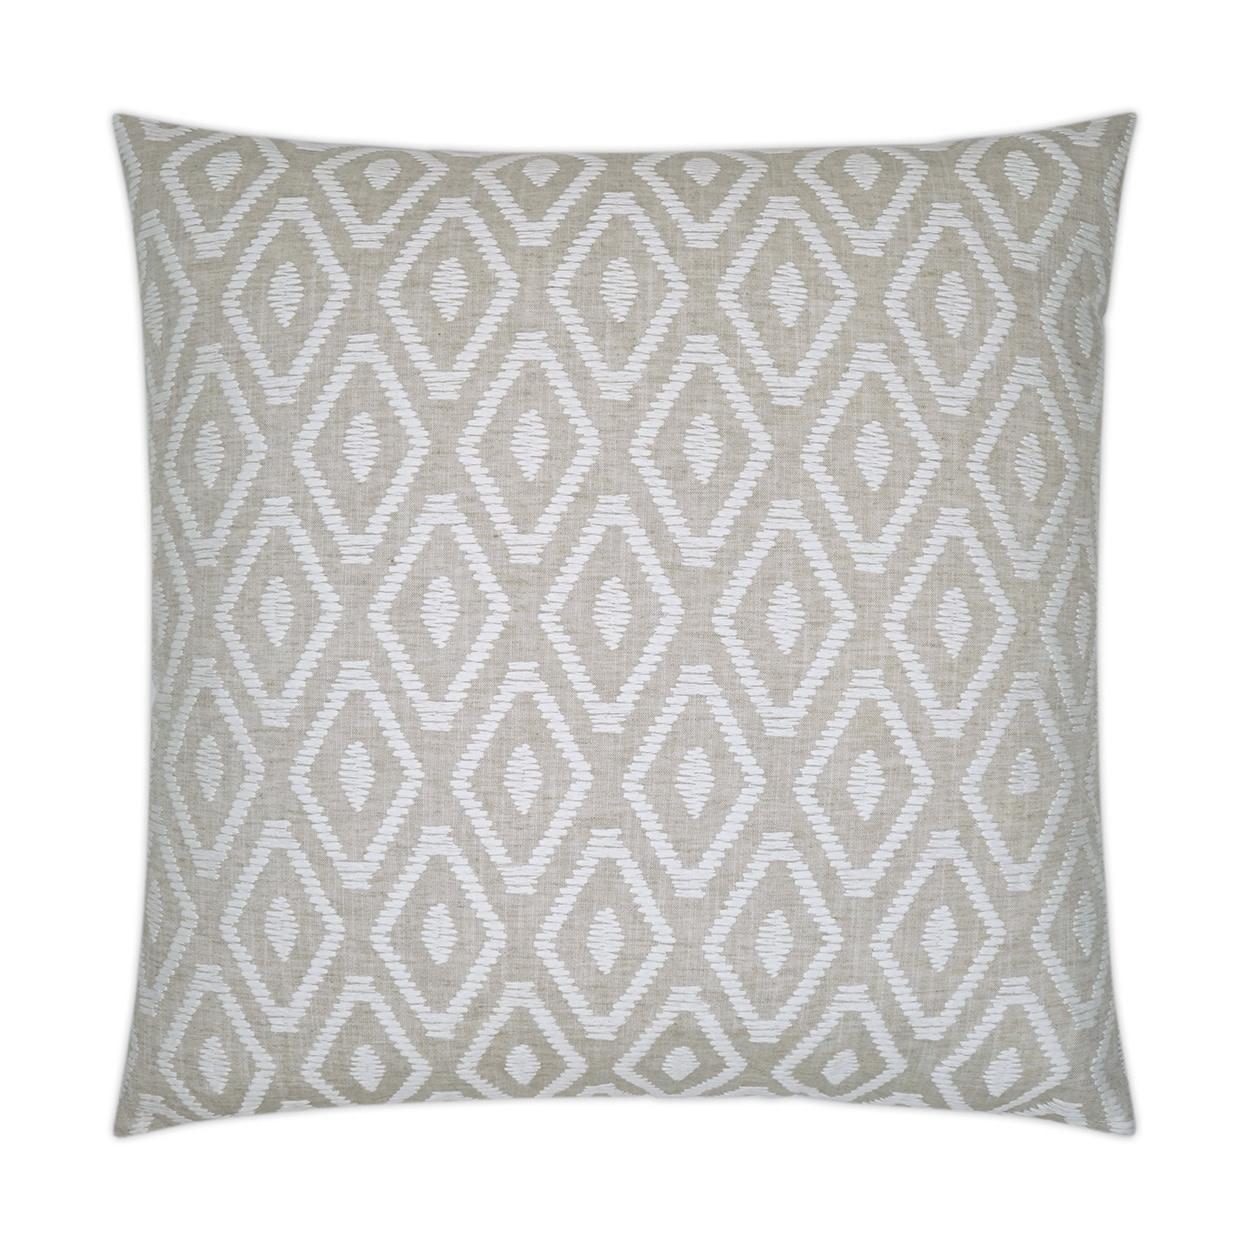 Canyon Pillow - Natural 20 x 20